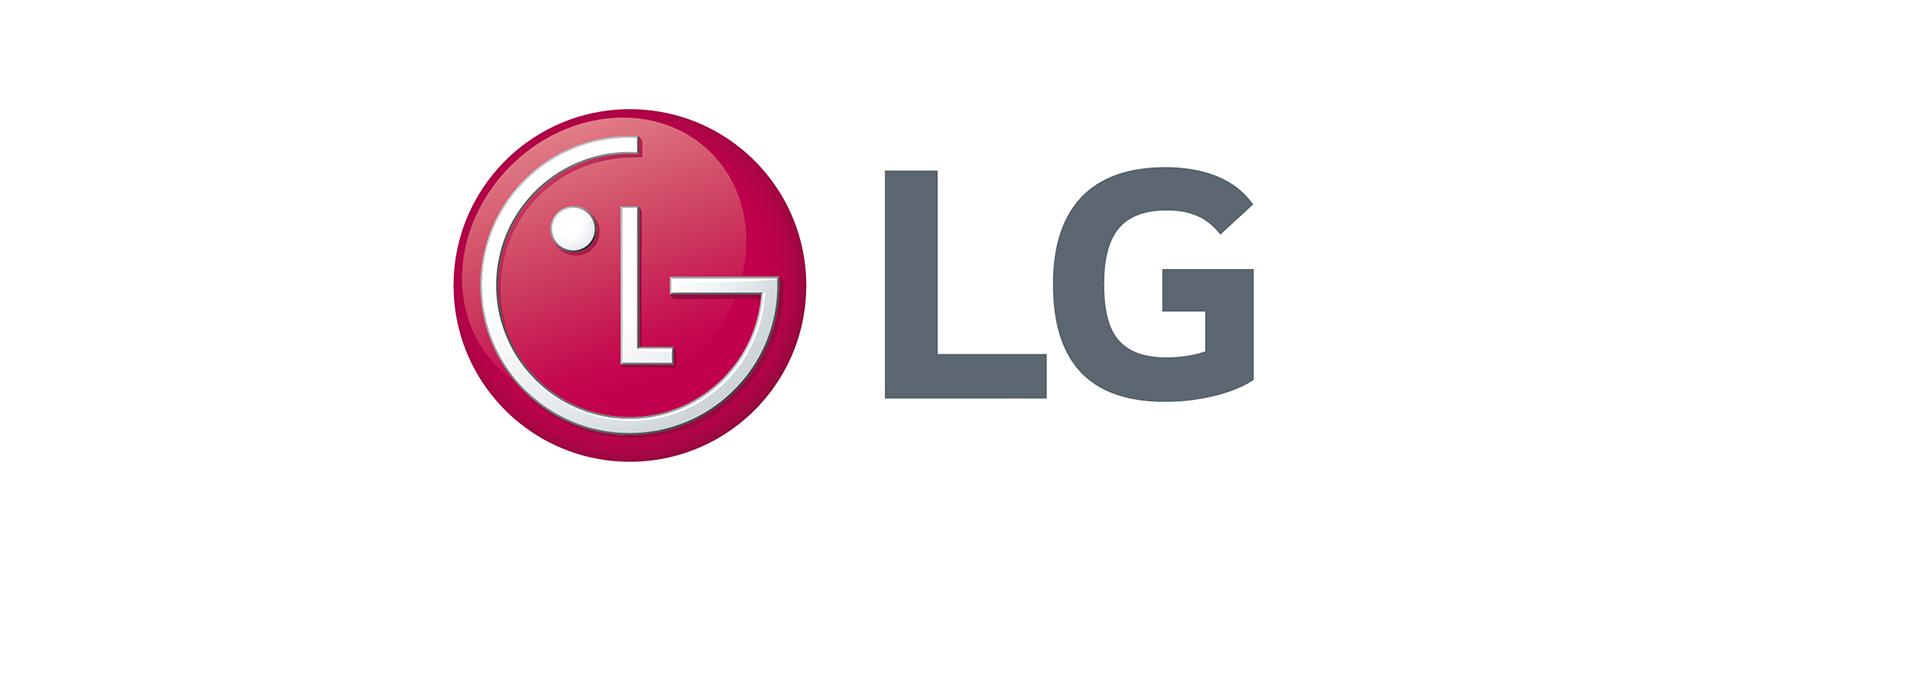 Smartfony LG z jeszcze szybszymi aktualizacjami – firma uruchamia Globalne Centrum Aktualizacji Oprogramowania